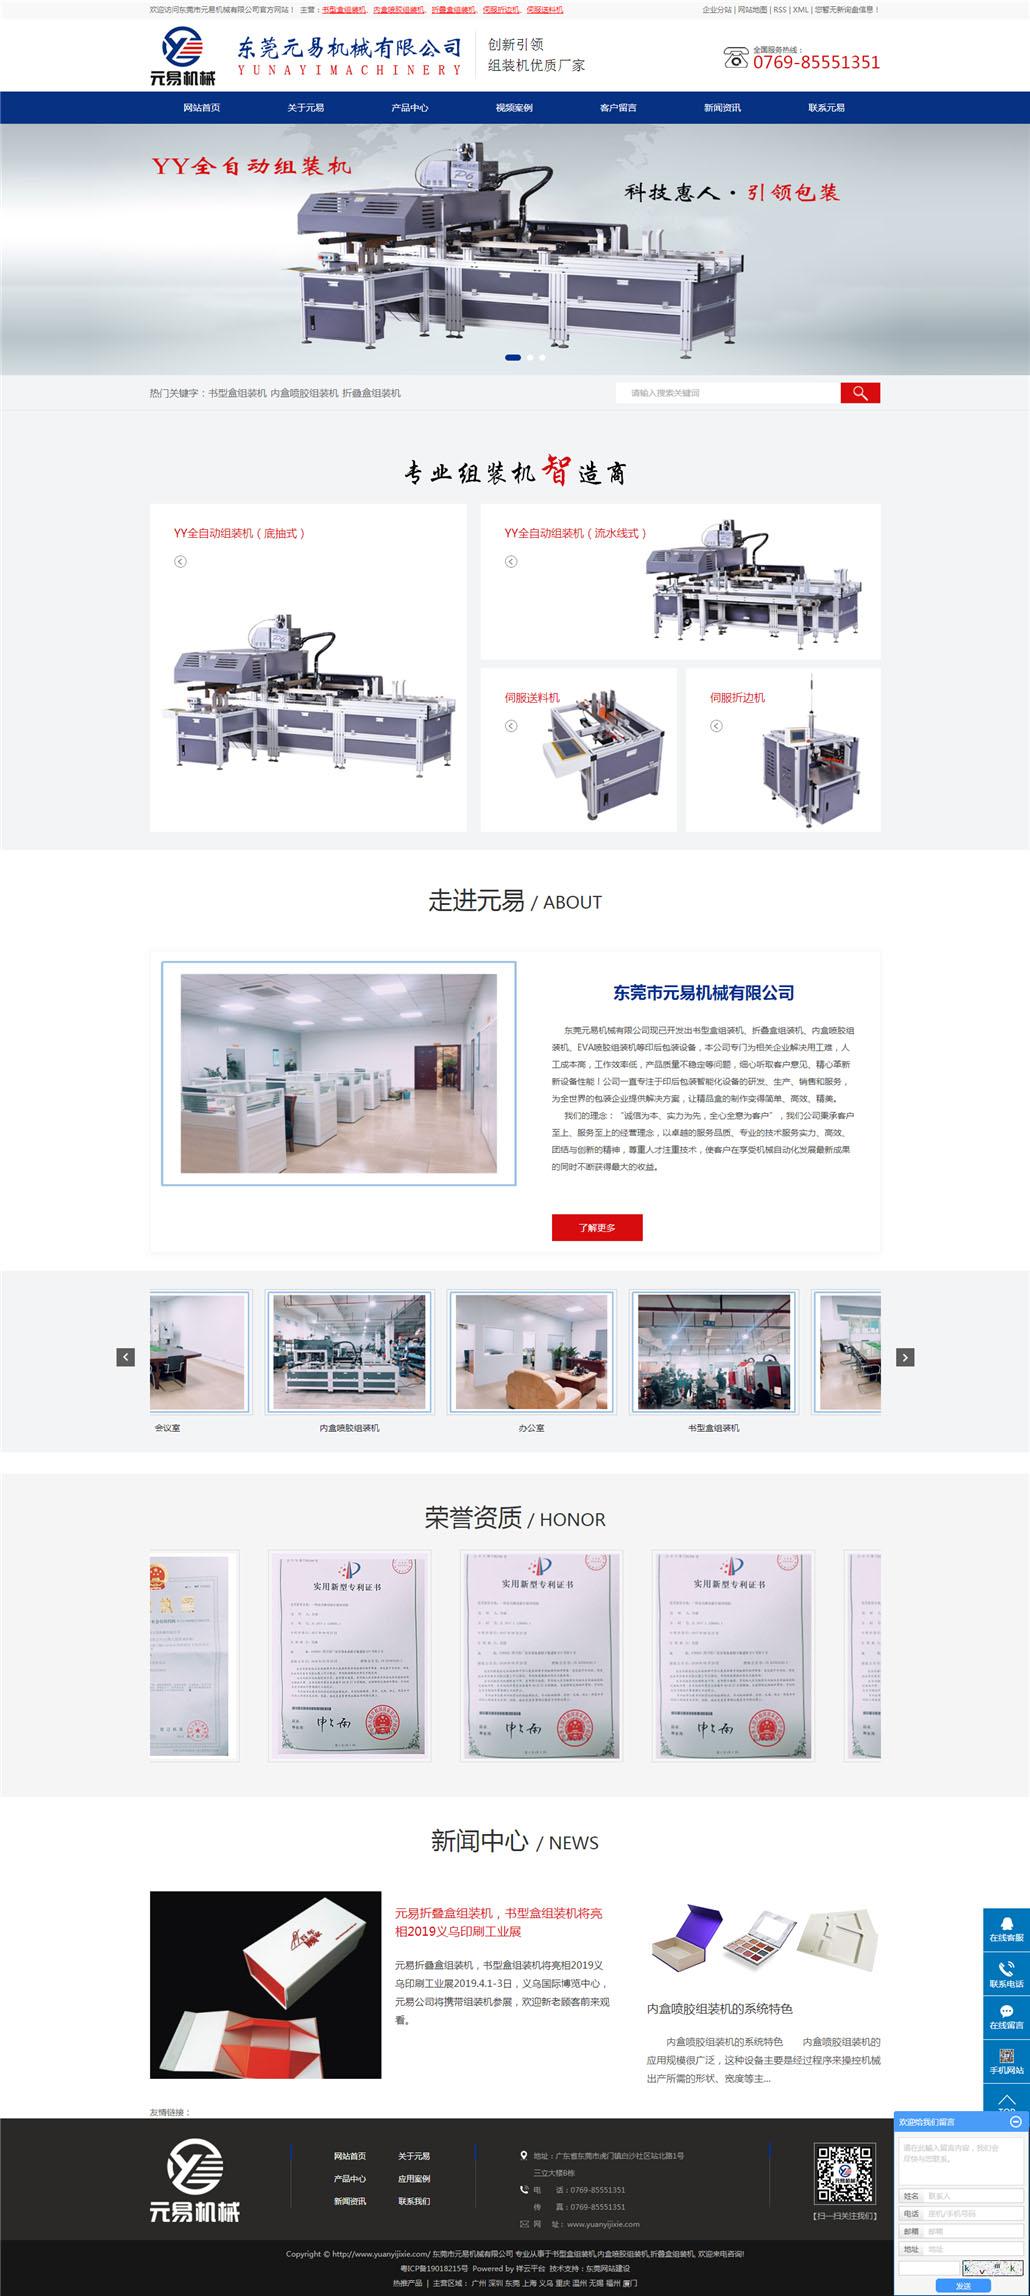 东莞市元易机械有限公司